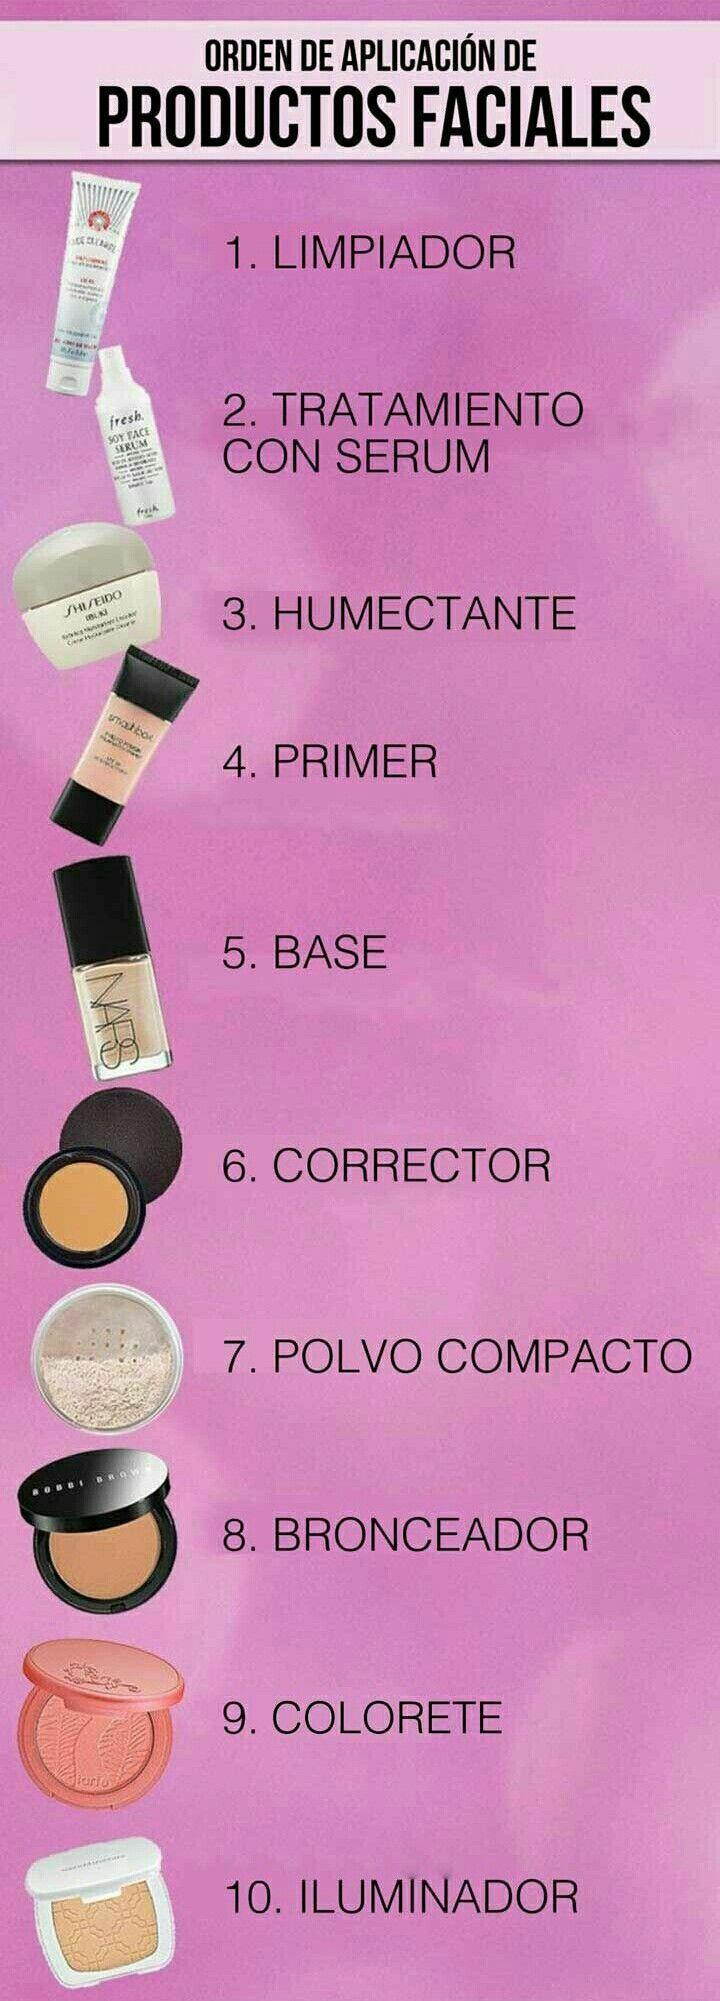 6 Trucos Maquillaje Profesional #maquillaje #makeup #belleza